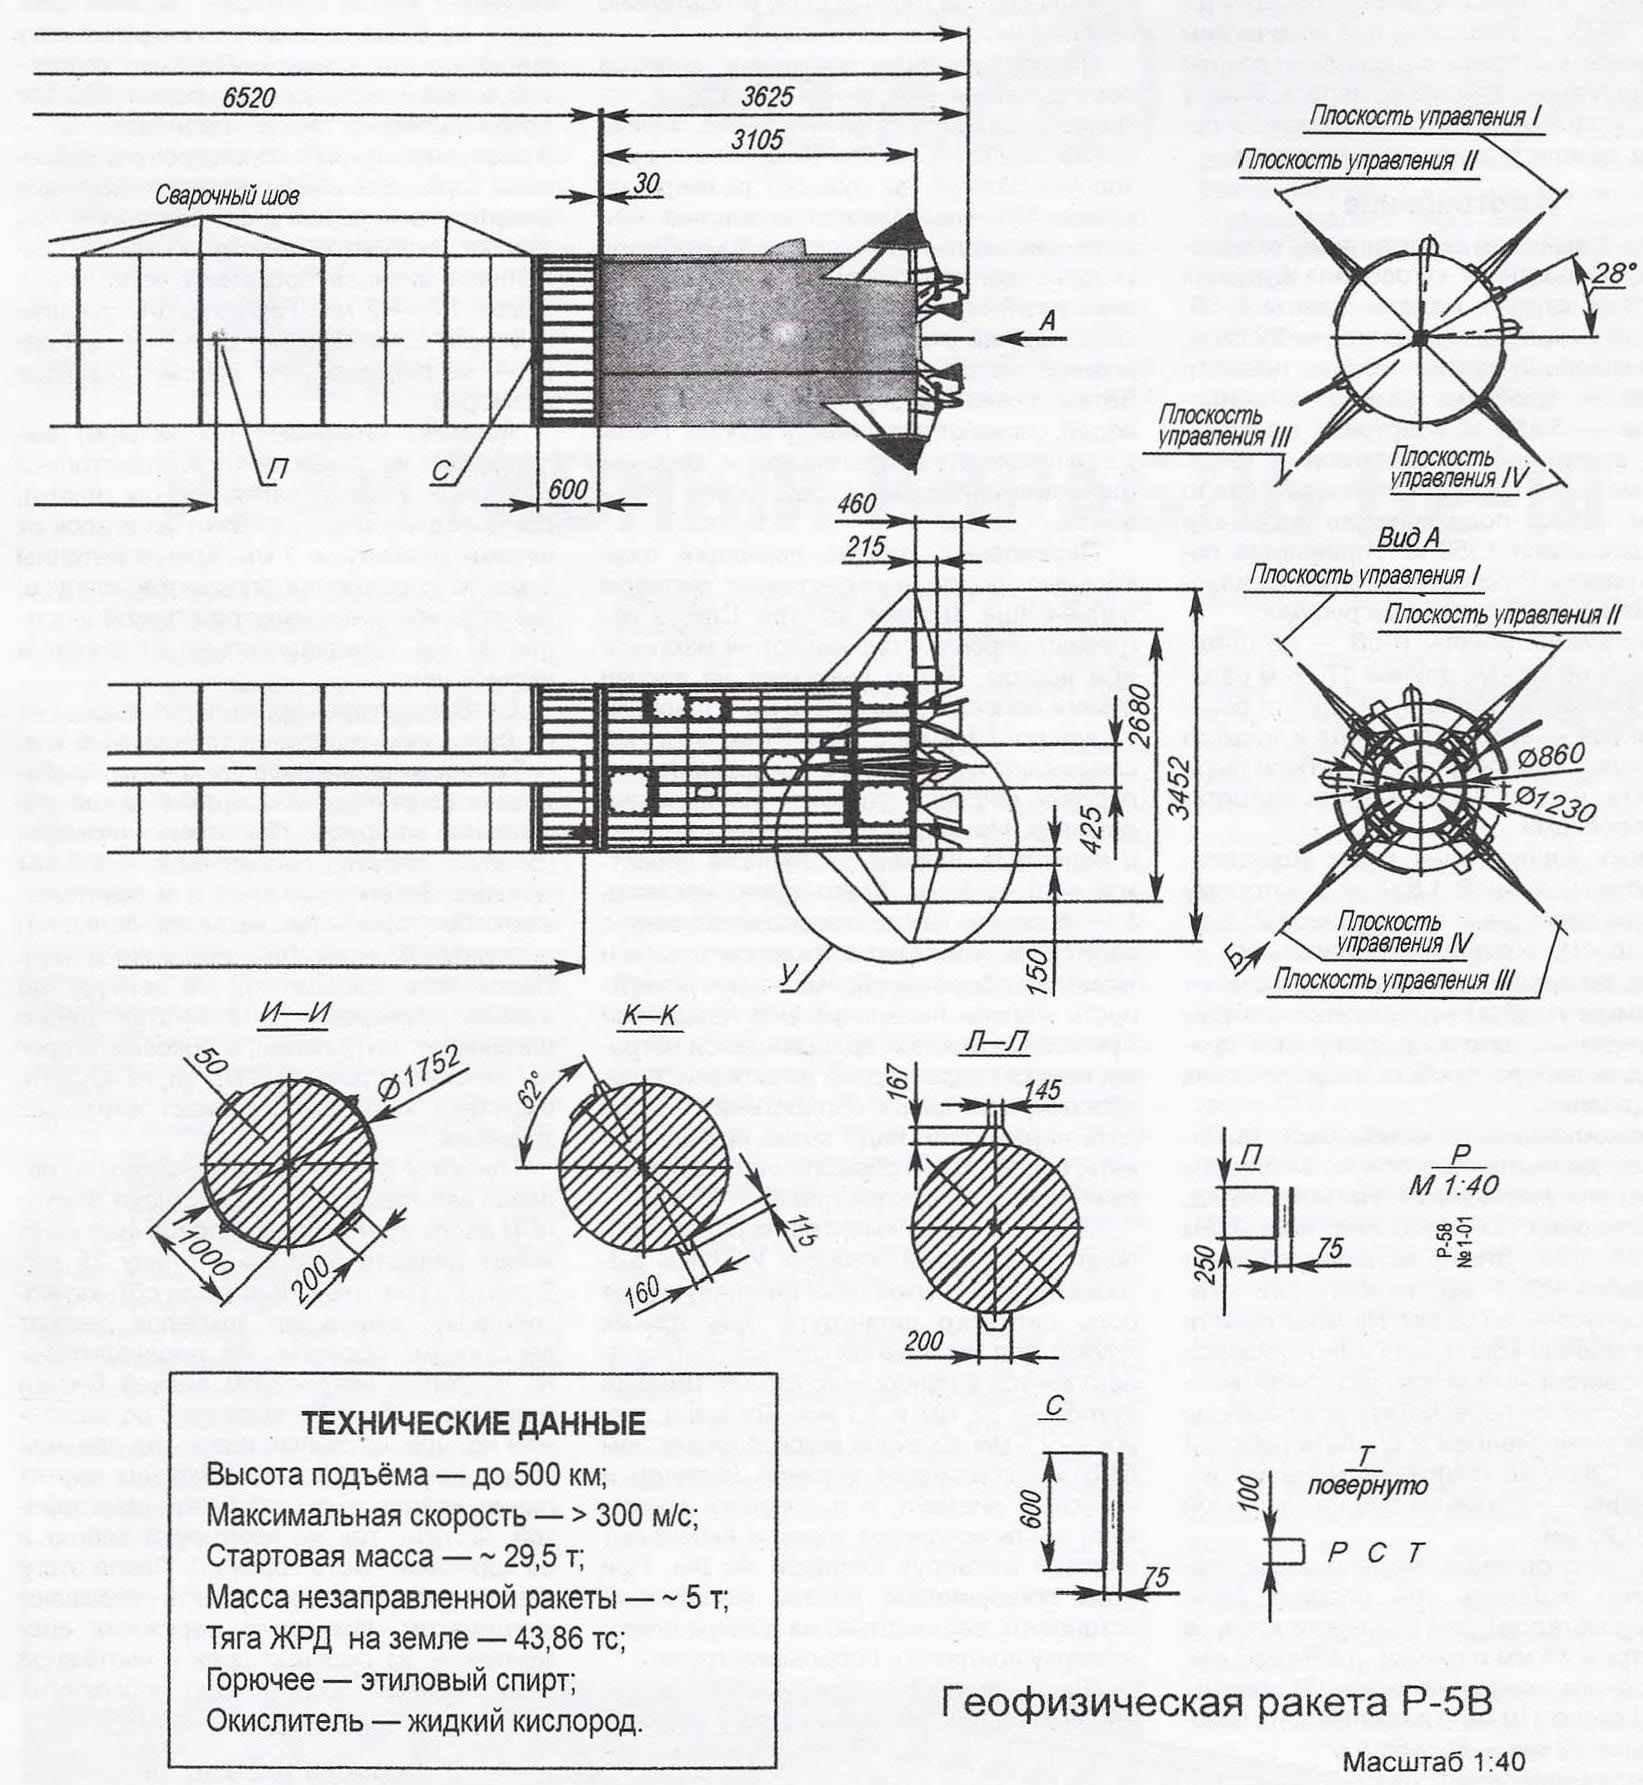 Геофизическая ракета Р-5В